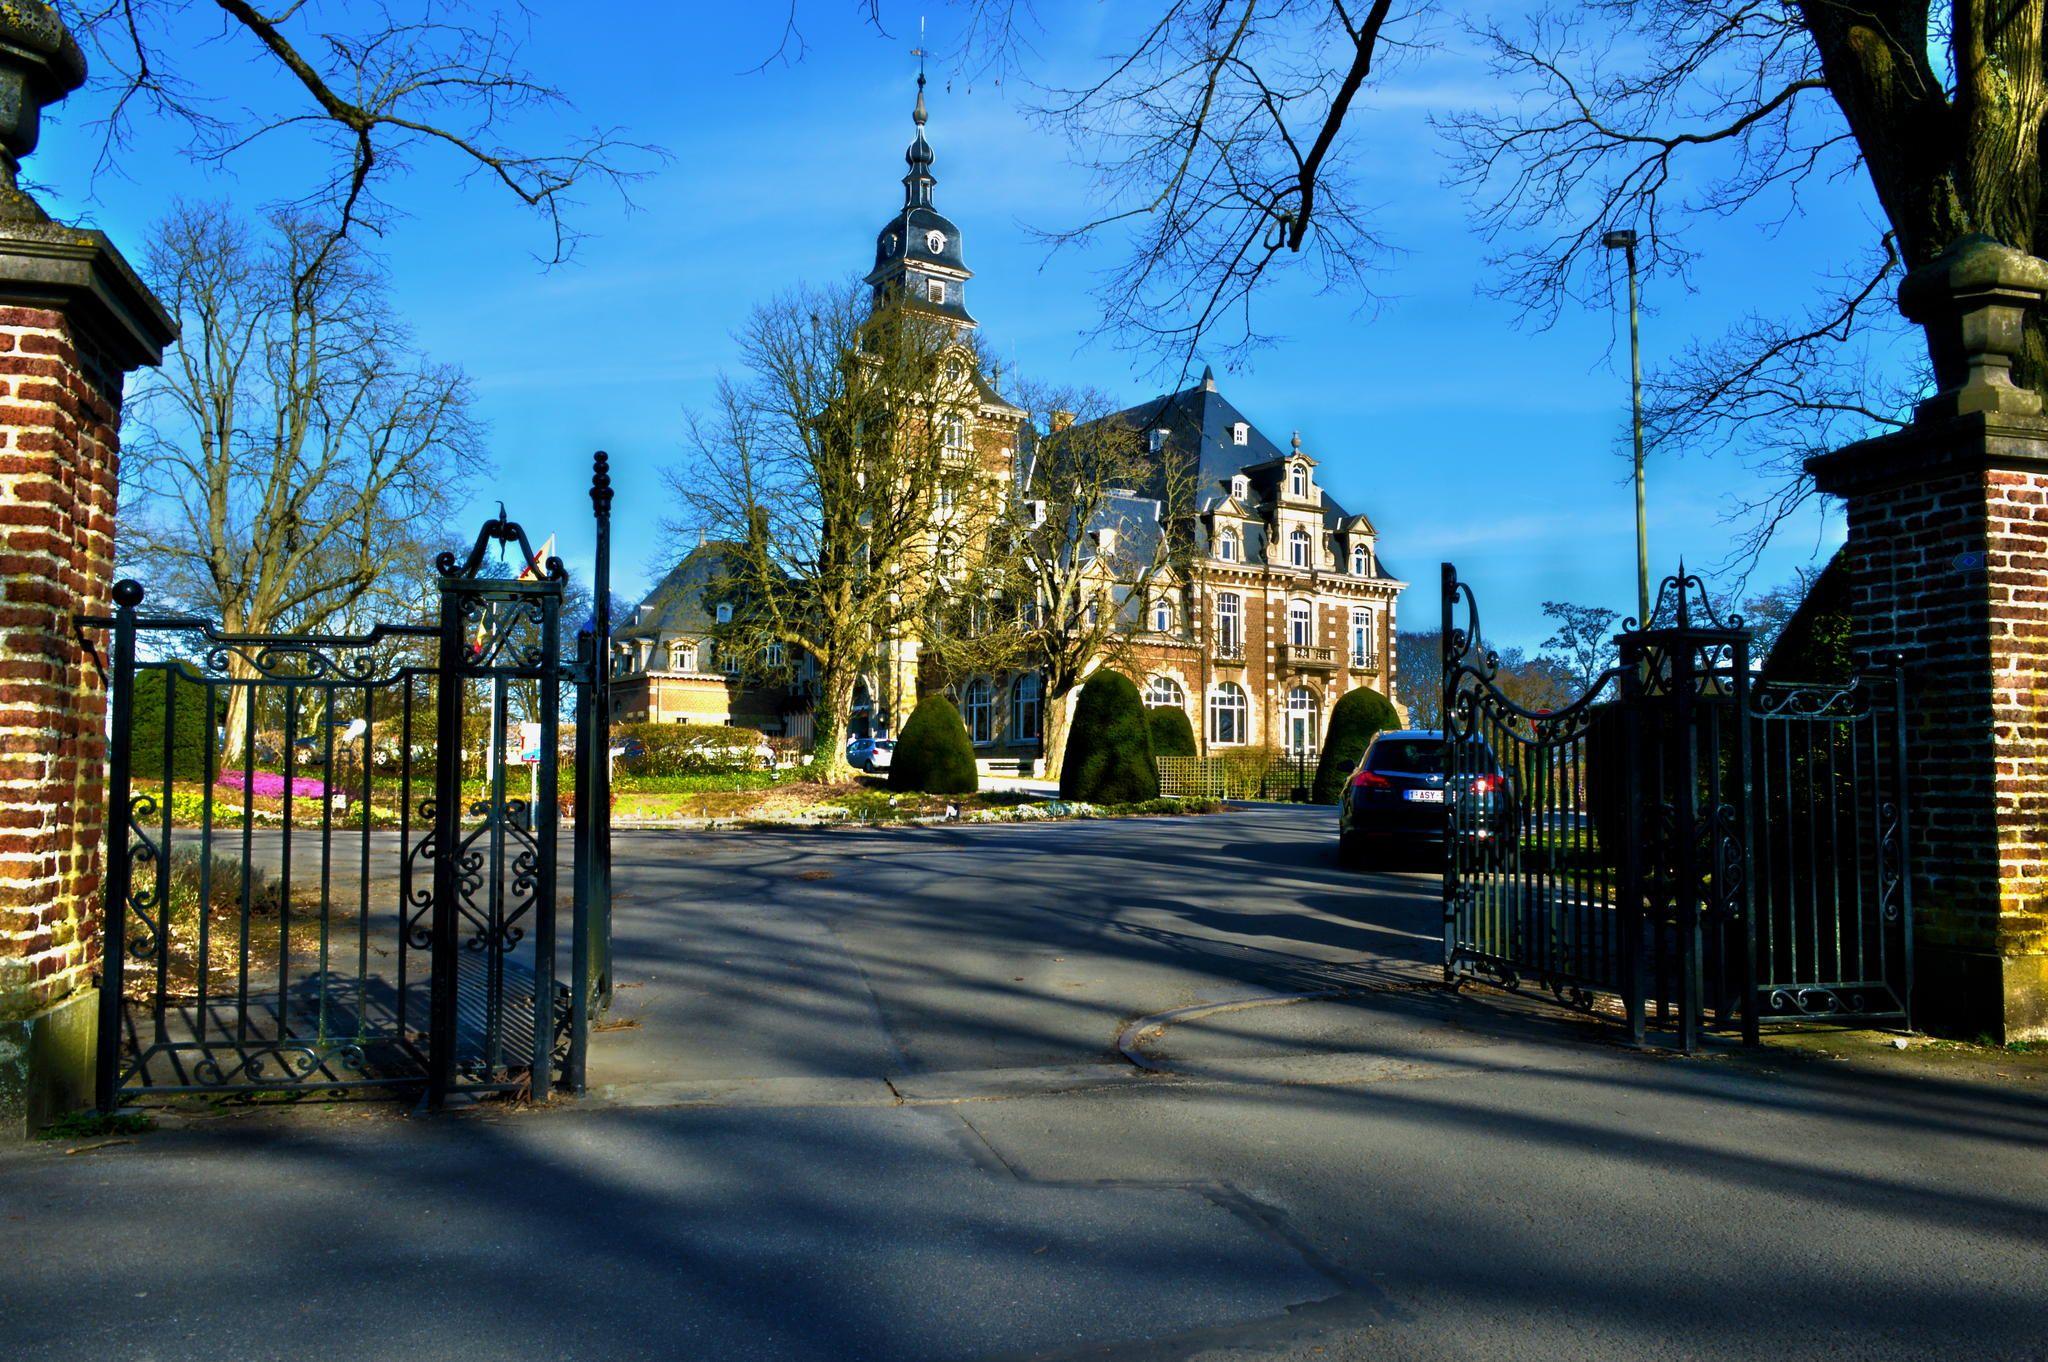 Chateau de Namur gate by Sven Vandenwaeyenberg on 500px